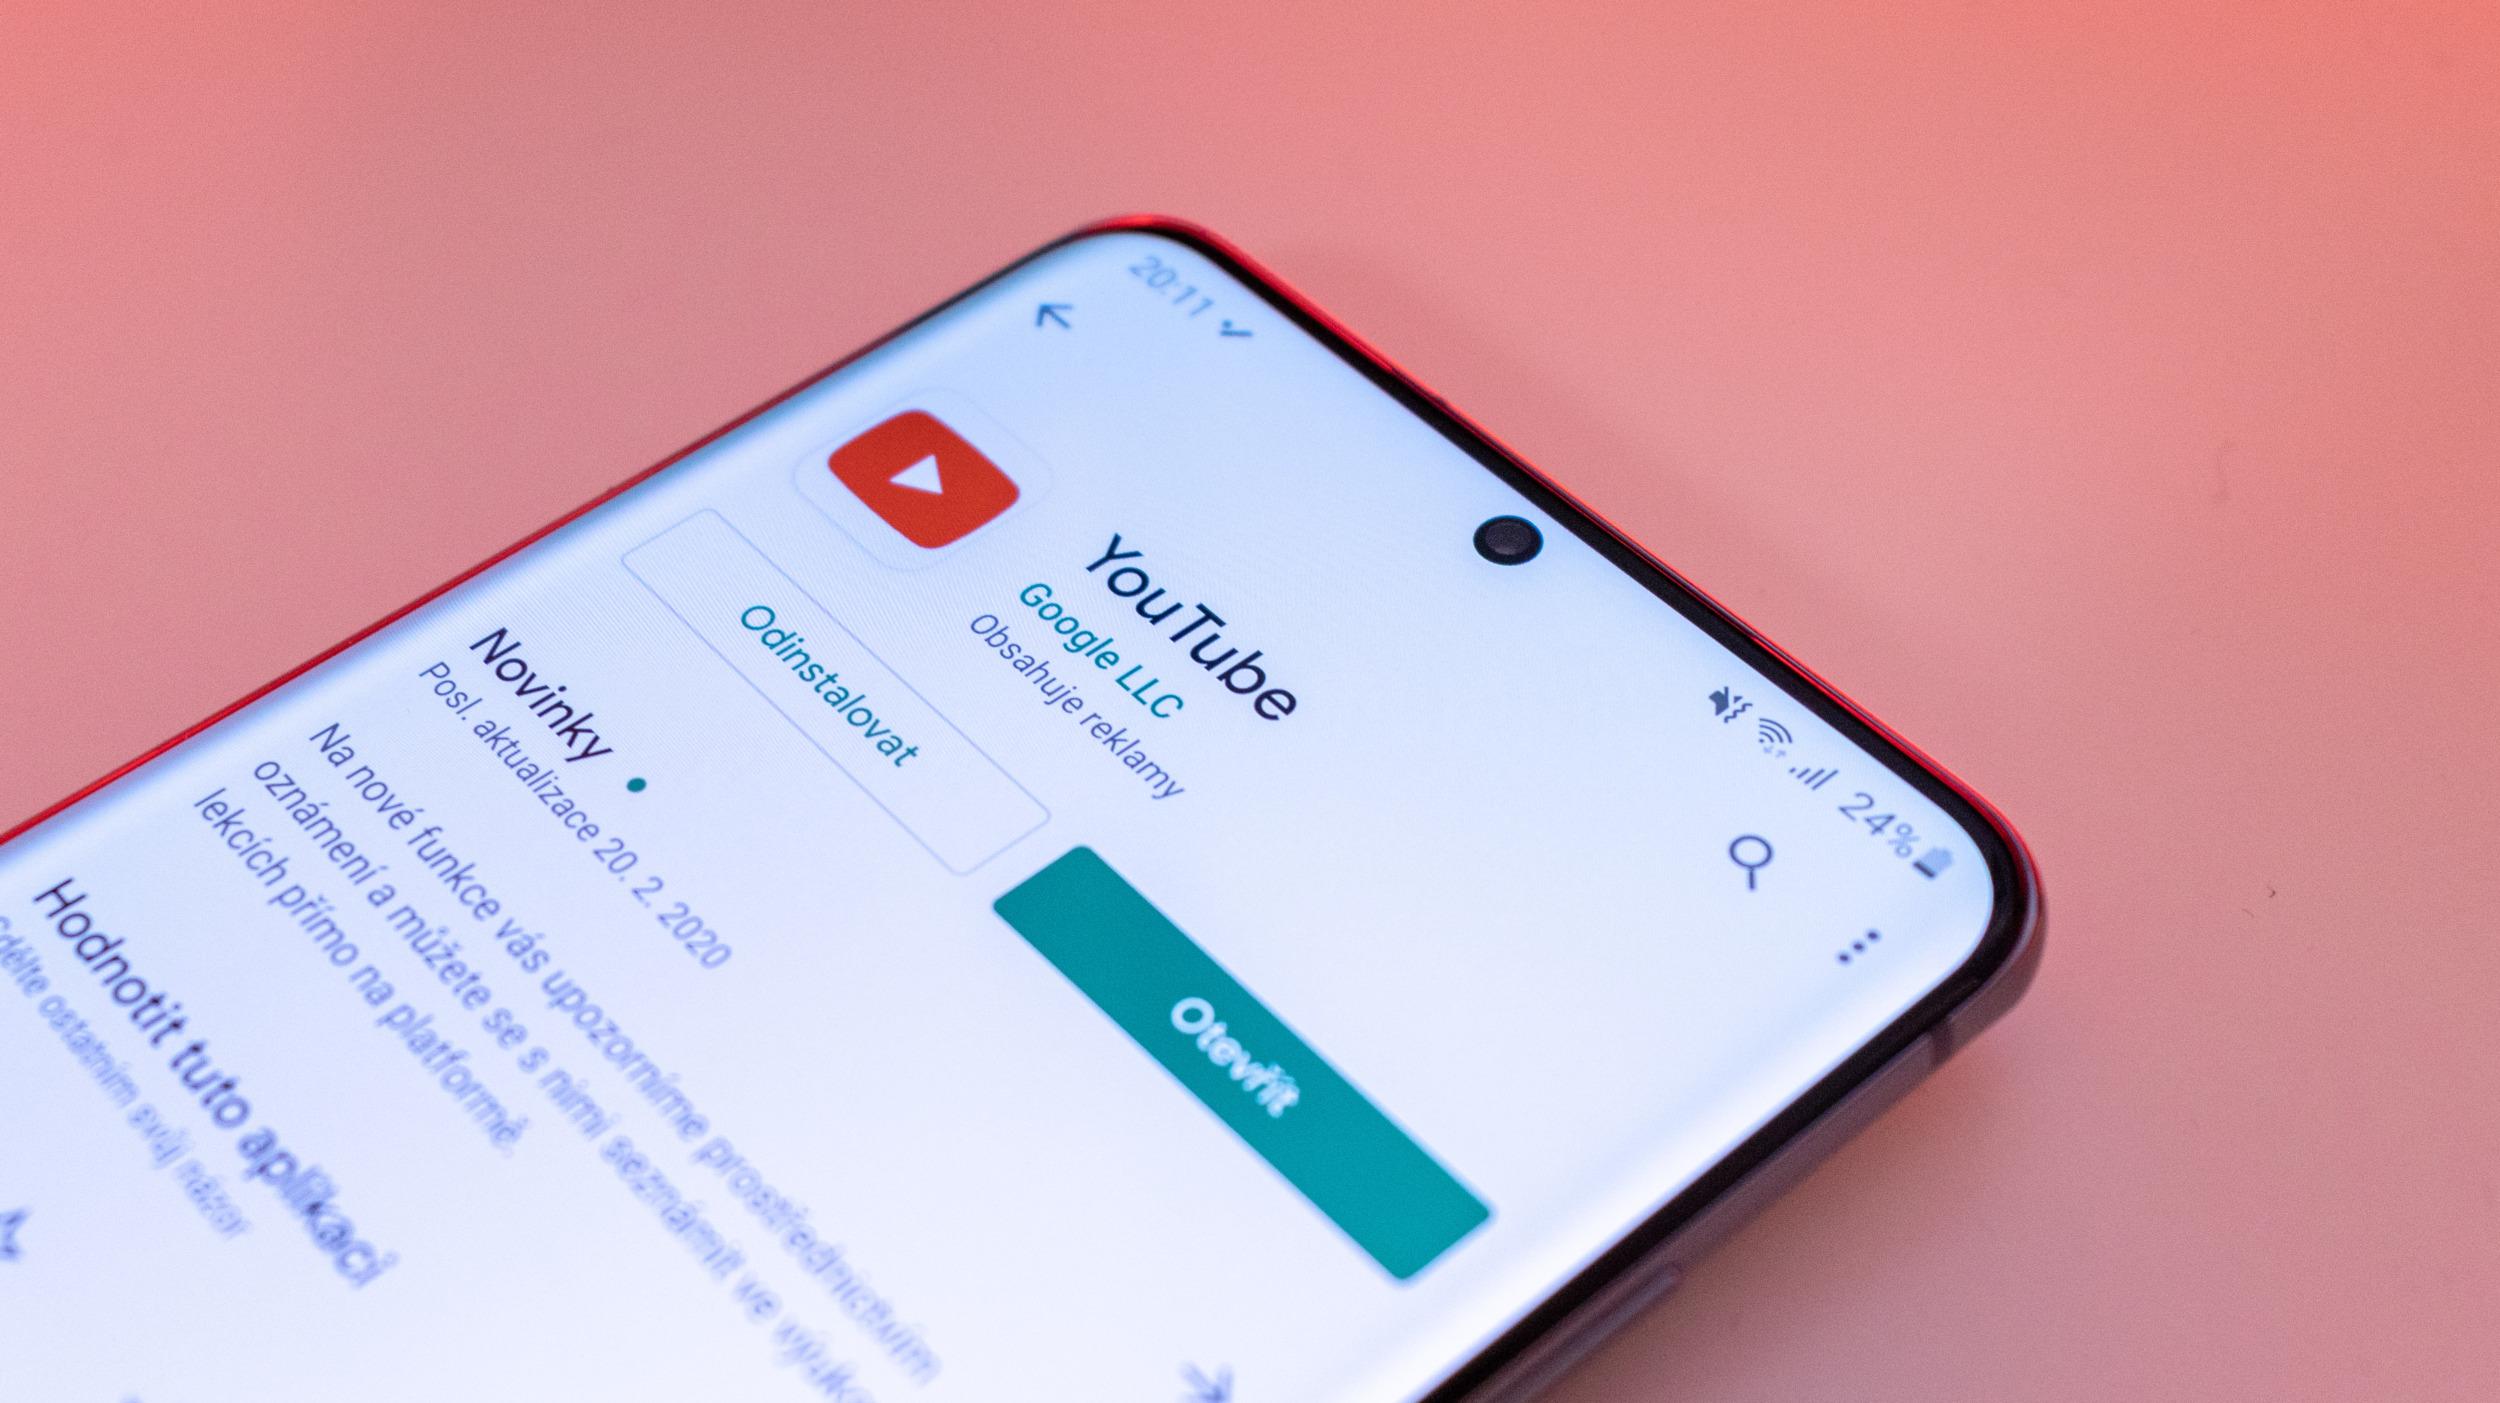 Youtube spouští kapitoly v aplikacích i na webu